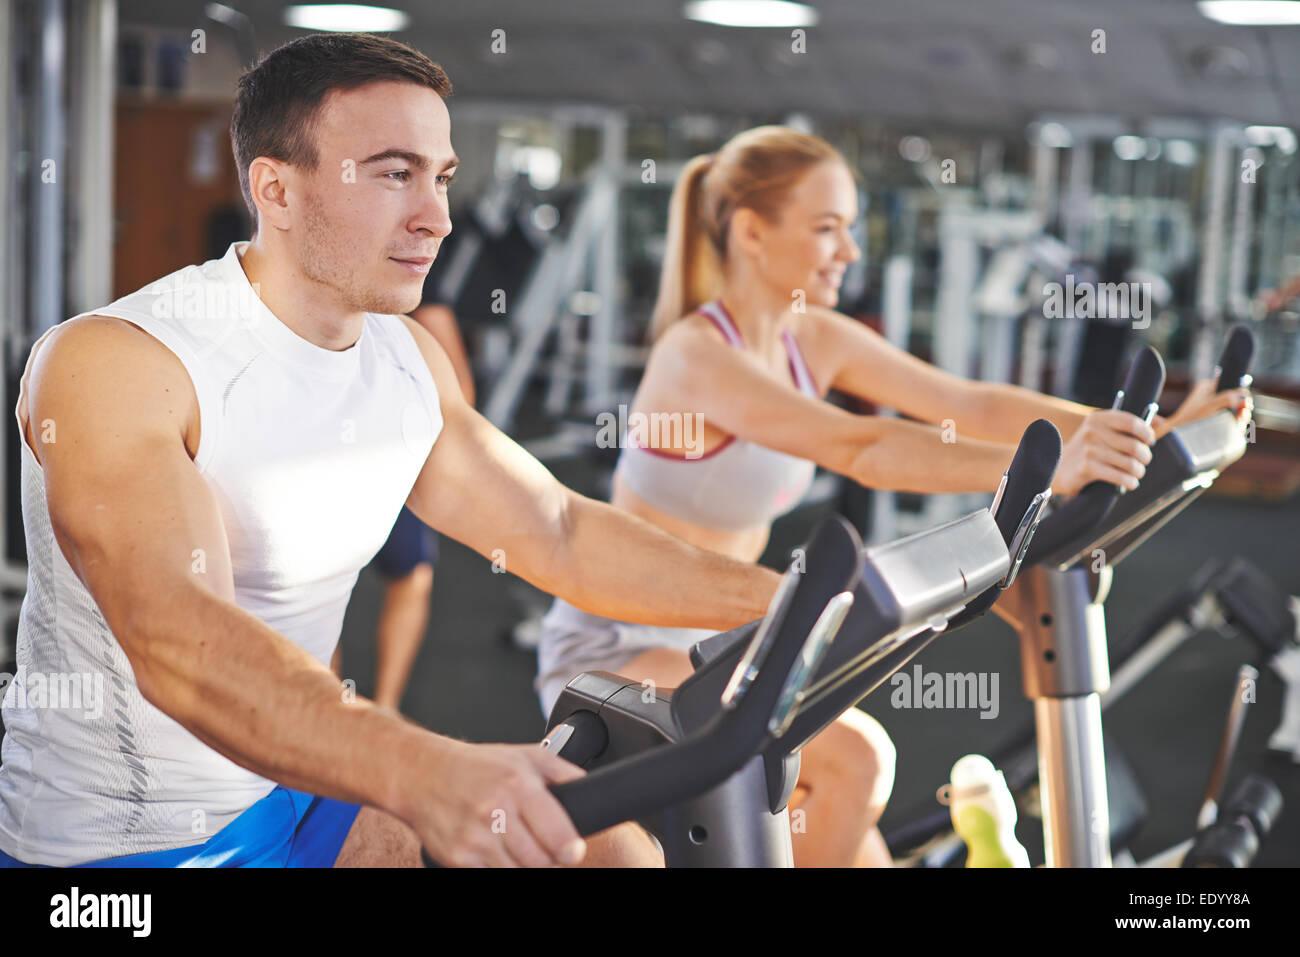 Porträt des jungen Mann und Frau beim Training im Fitness-Studio Stockbild